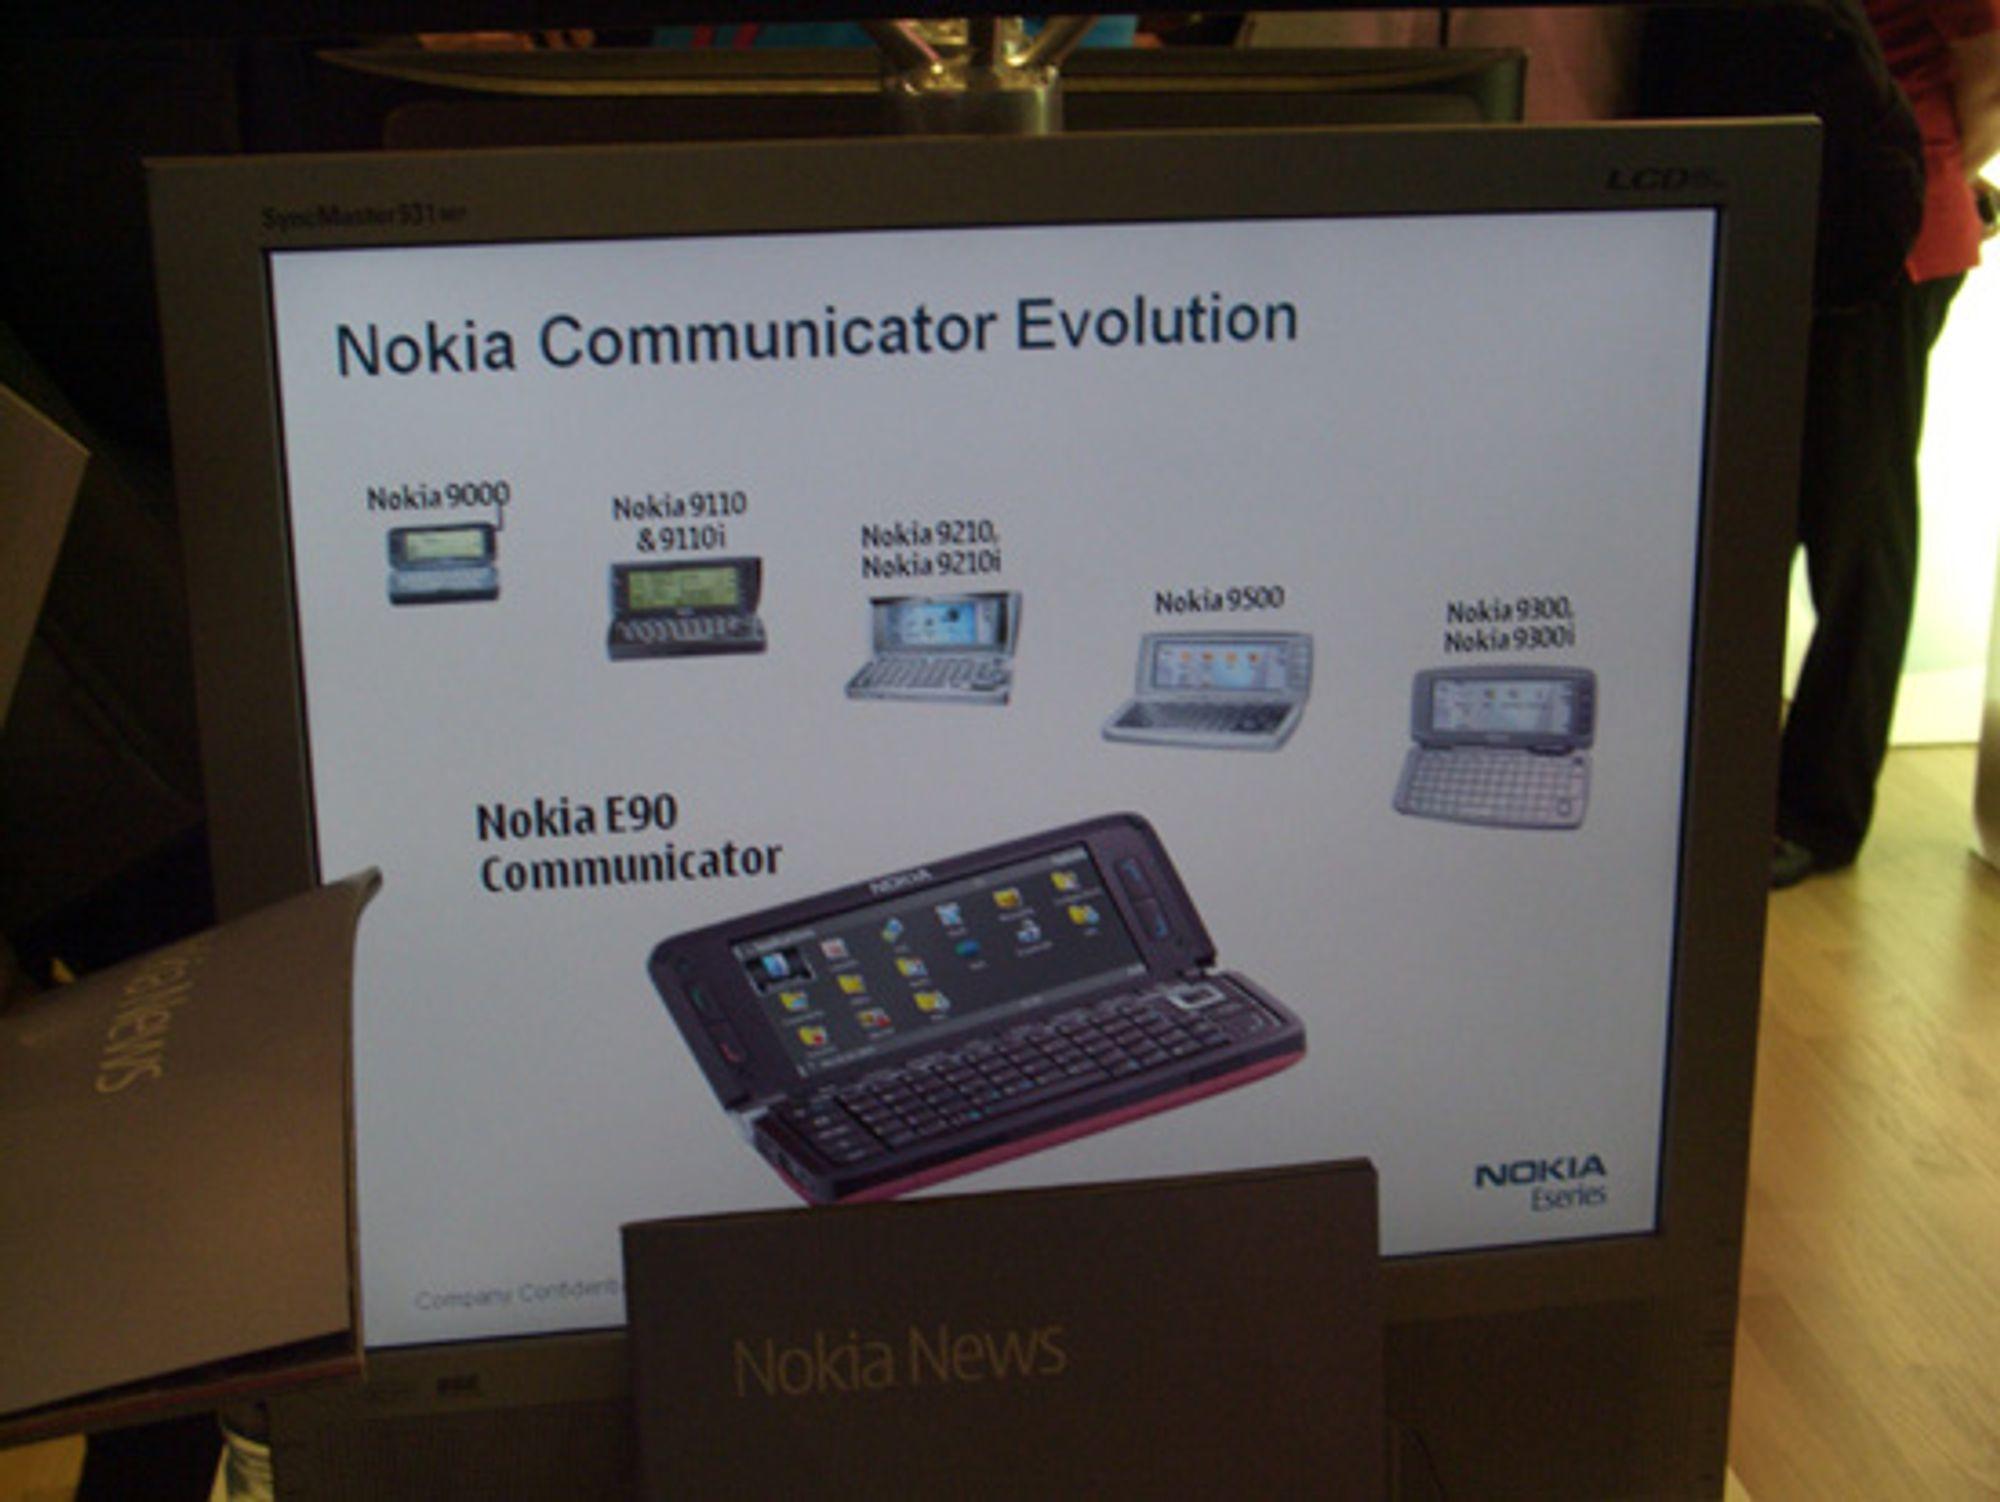 Communicator-serien fra 9000 til 9300i. E90 under.